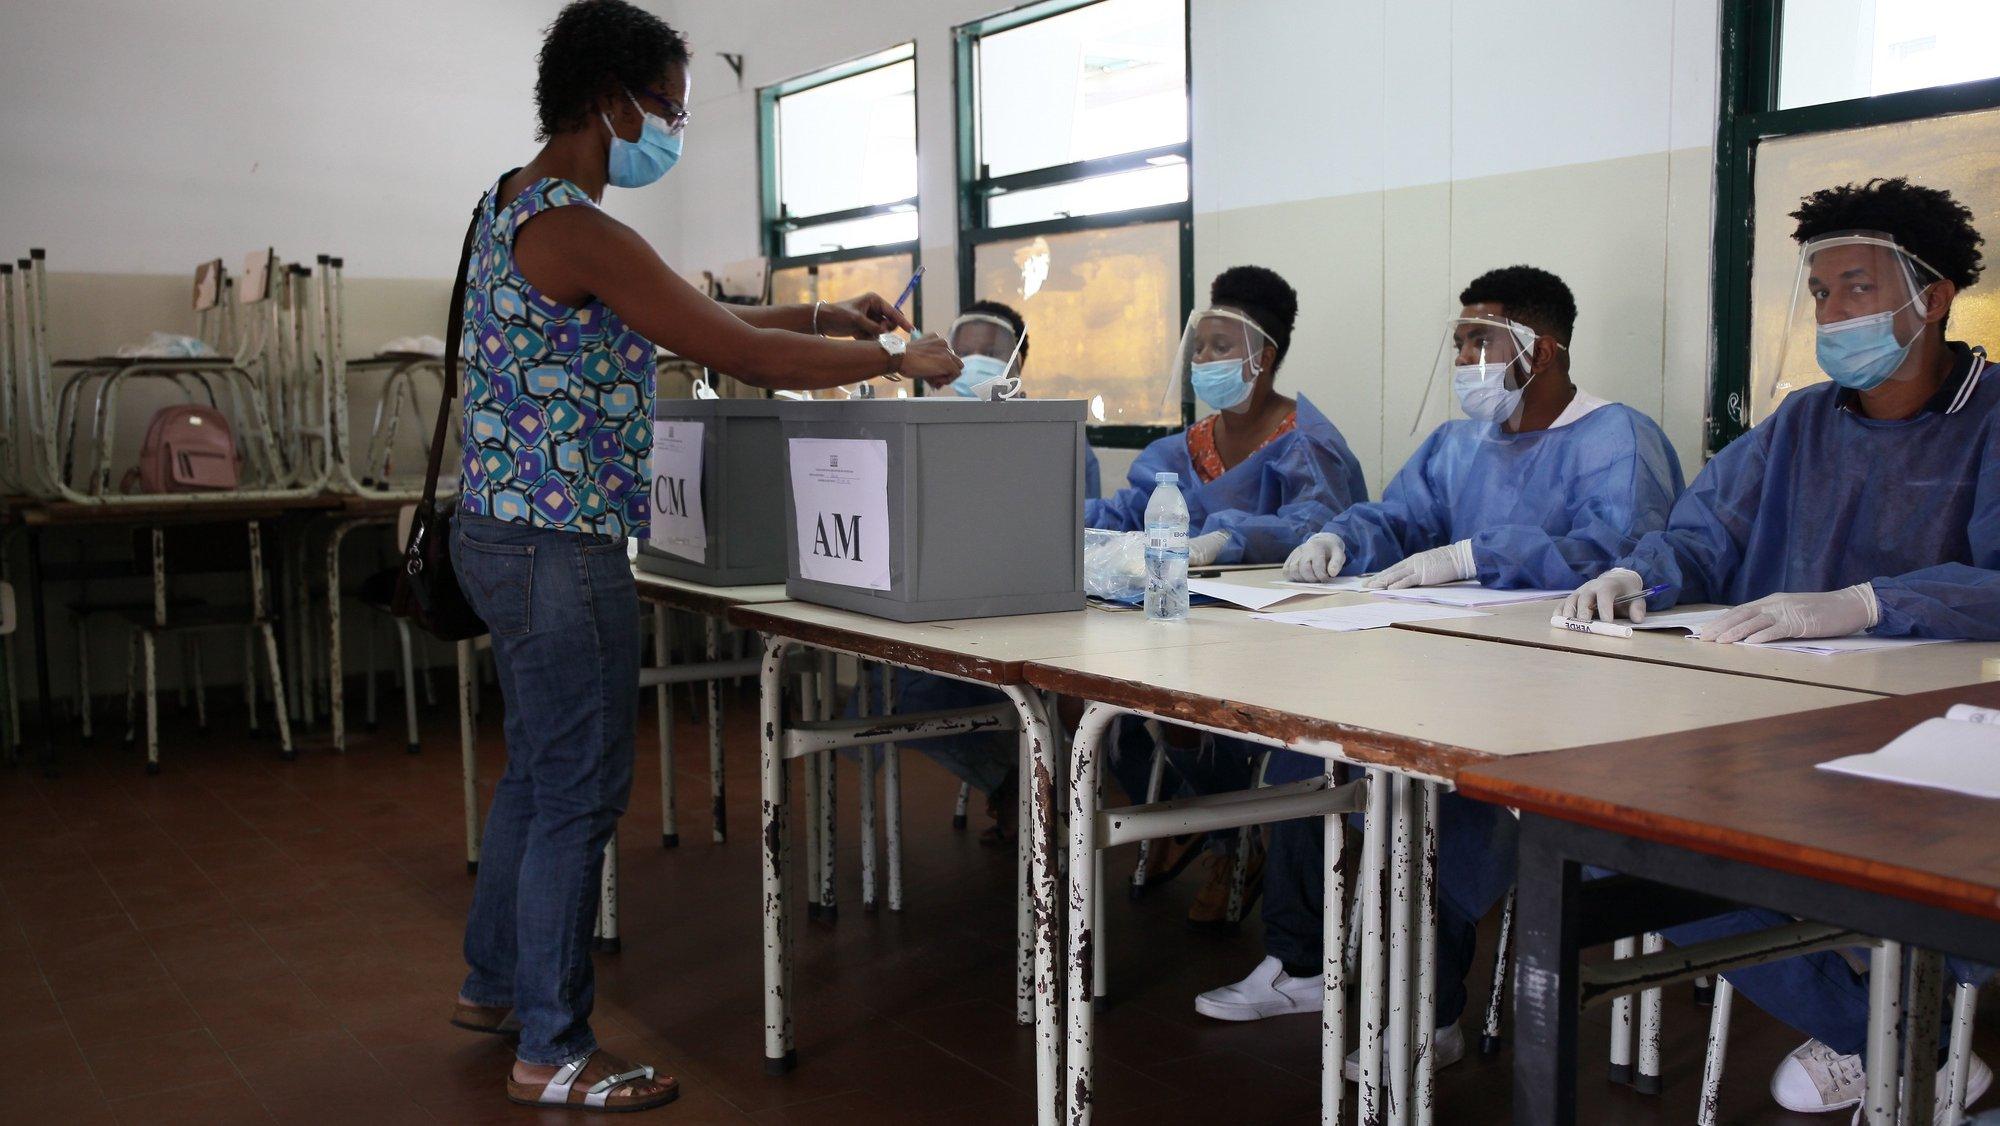 Nas eleições autárquicas de hoje concorrem ao mandato de quatro anos 65 listas às Assembleias Municipais e 64 às Câmaras Municipais, das quais 53 de partidos políticos (de quatro partidos) e 12 de grupos de cidadãos, segundo dados da Comissão Nacional de Eleições (CNE) cabo-verdiana, cidade da Praia, 25 de outubro de 2020. FERNANDO DE PINA/LUSA